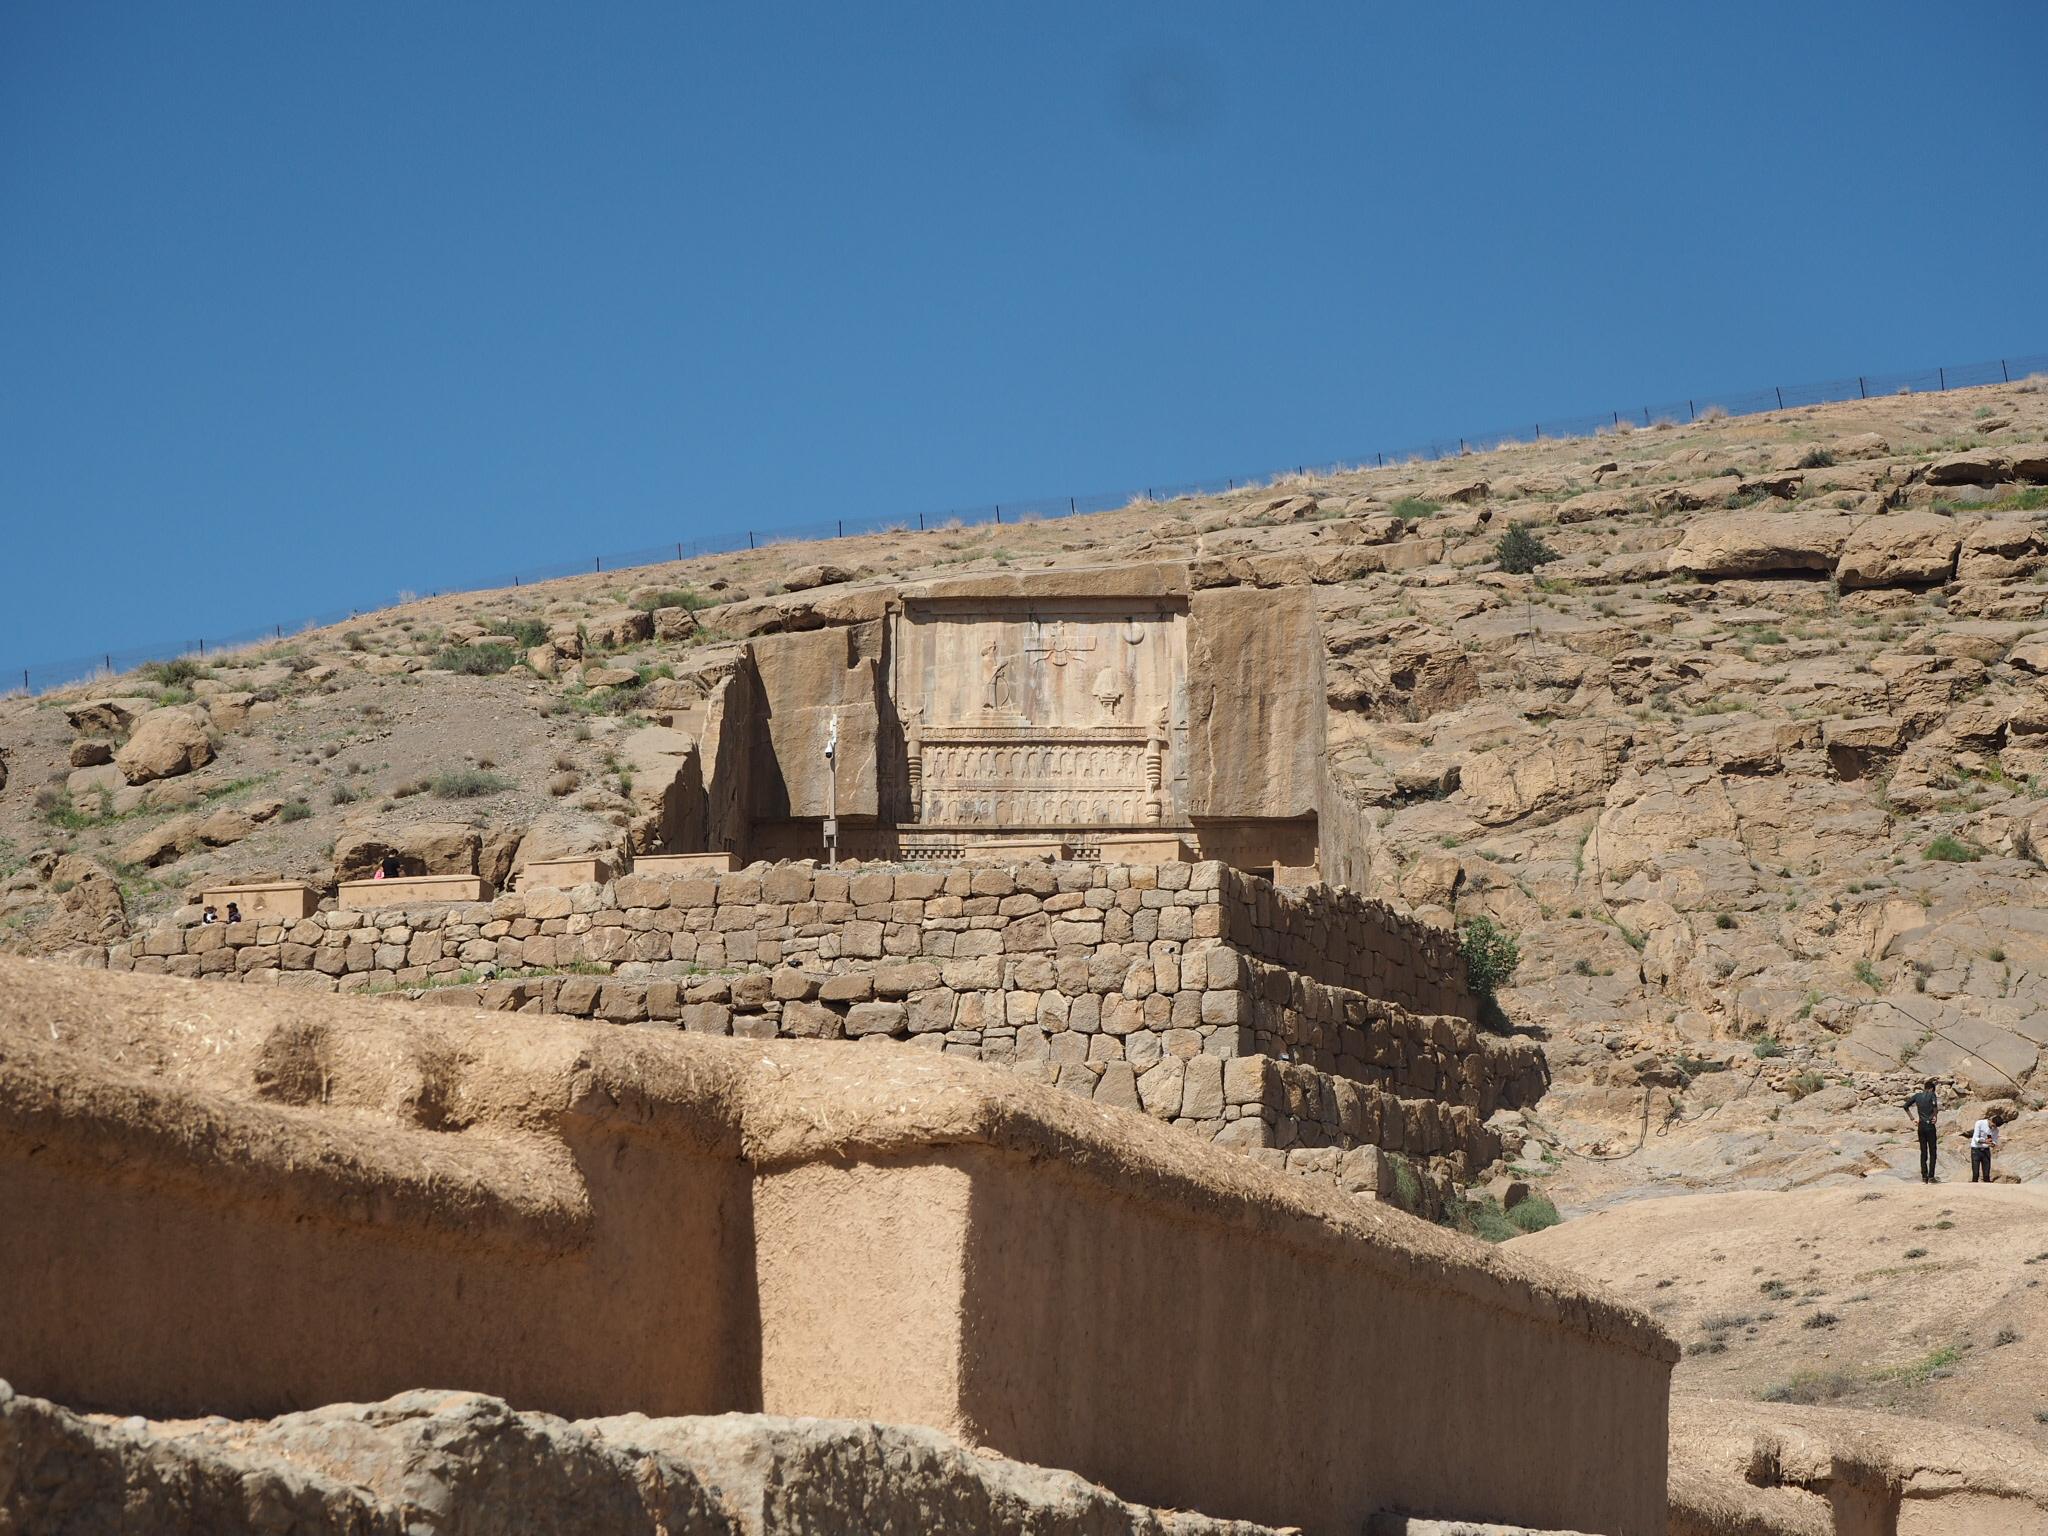 Gruzja-Armenia-Iran-Stambuł. Dzień 11: Persepolis 11